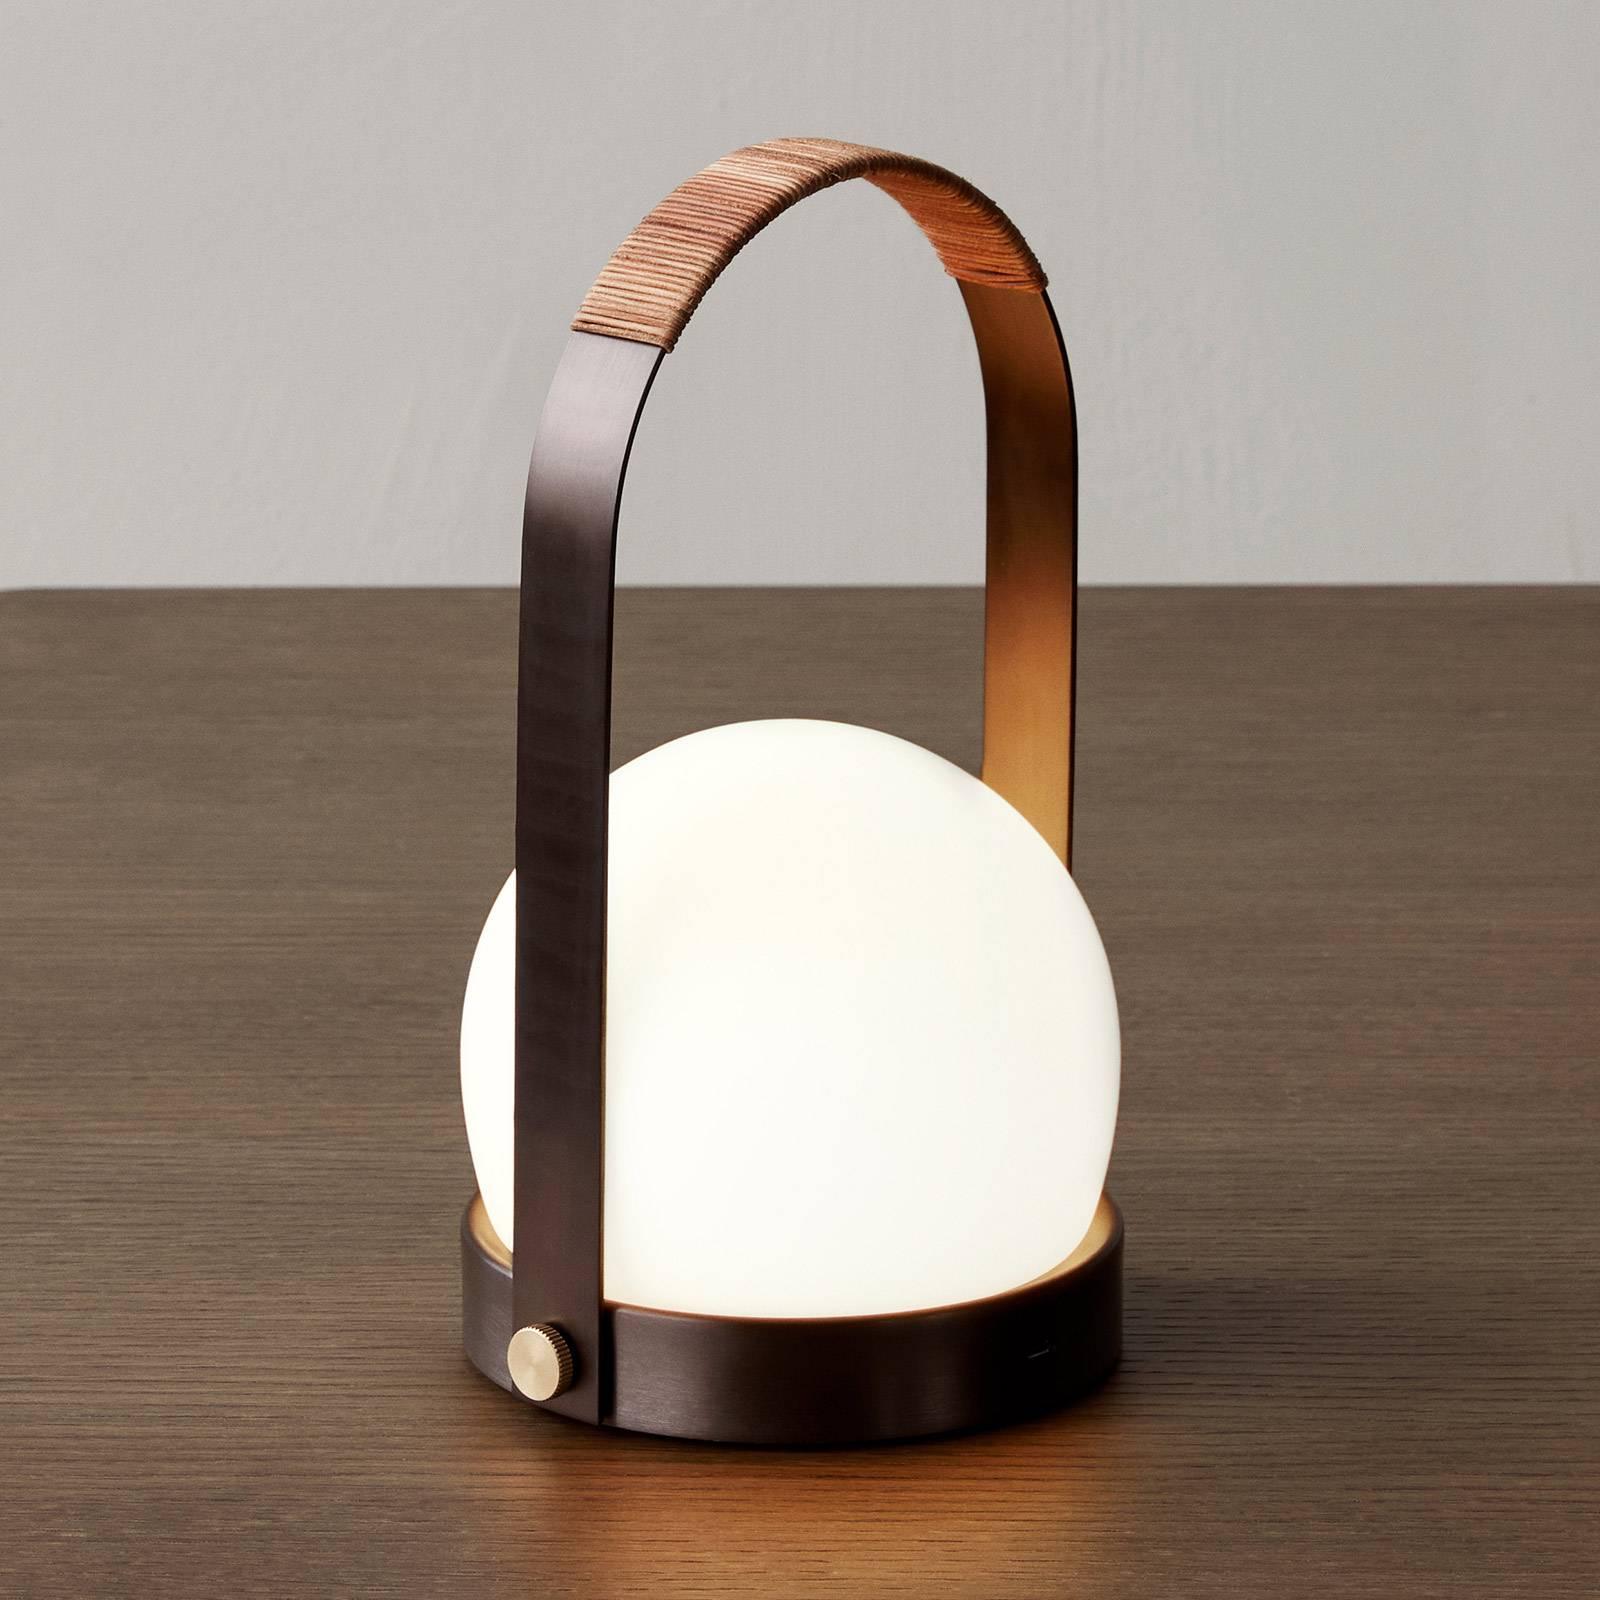 Menu Carrie LED tafellamp oplaadbaar brons/leer